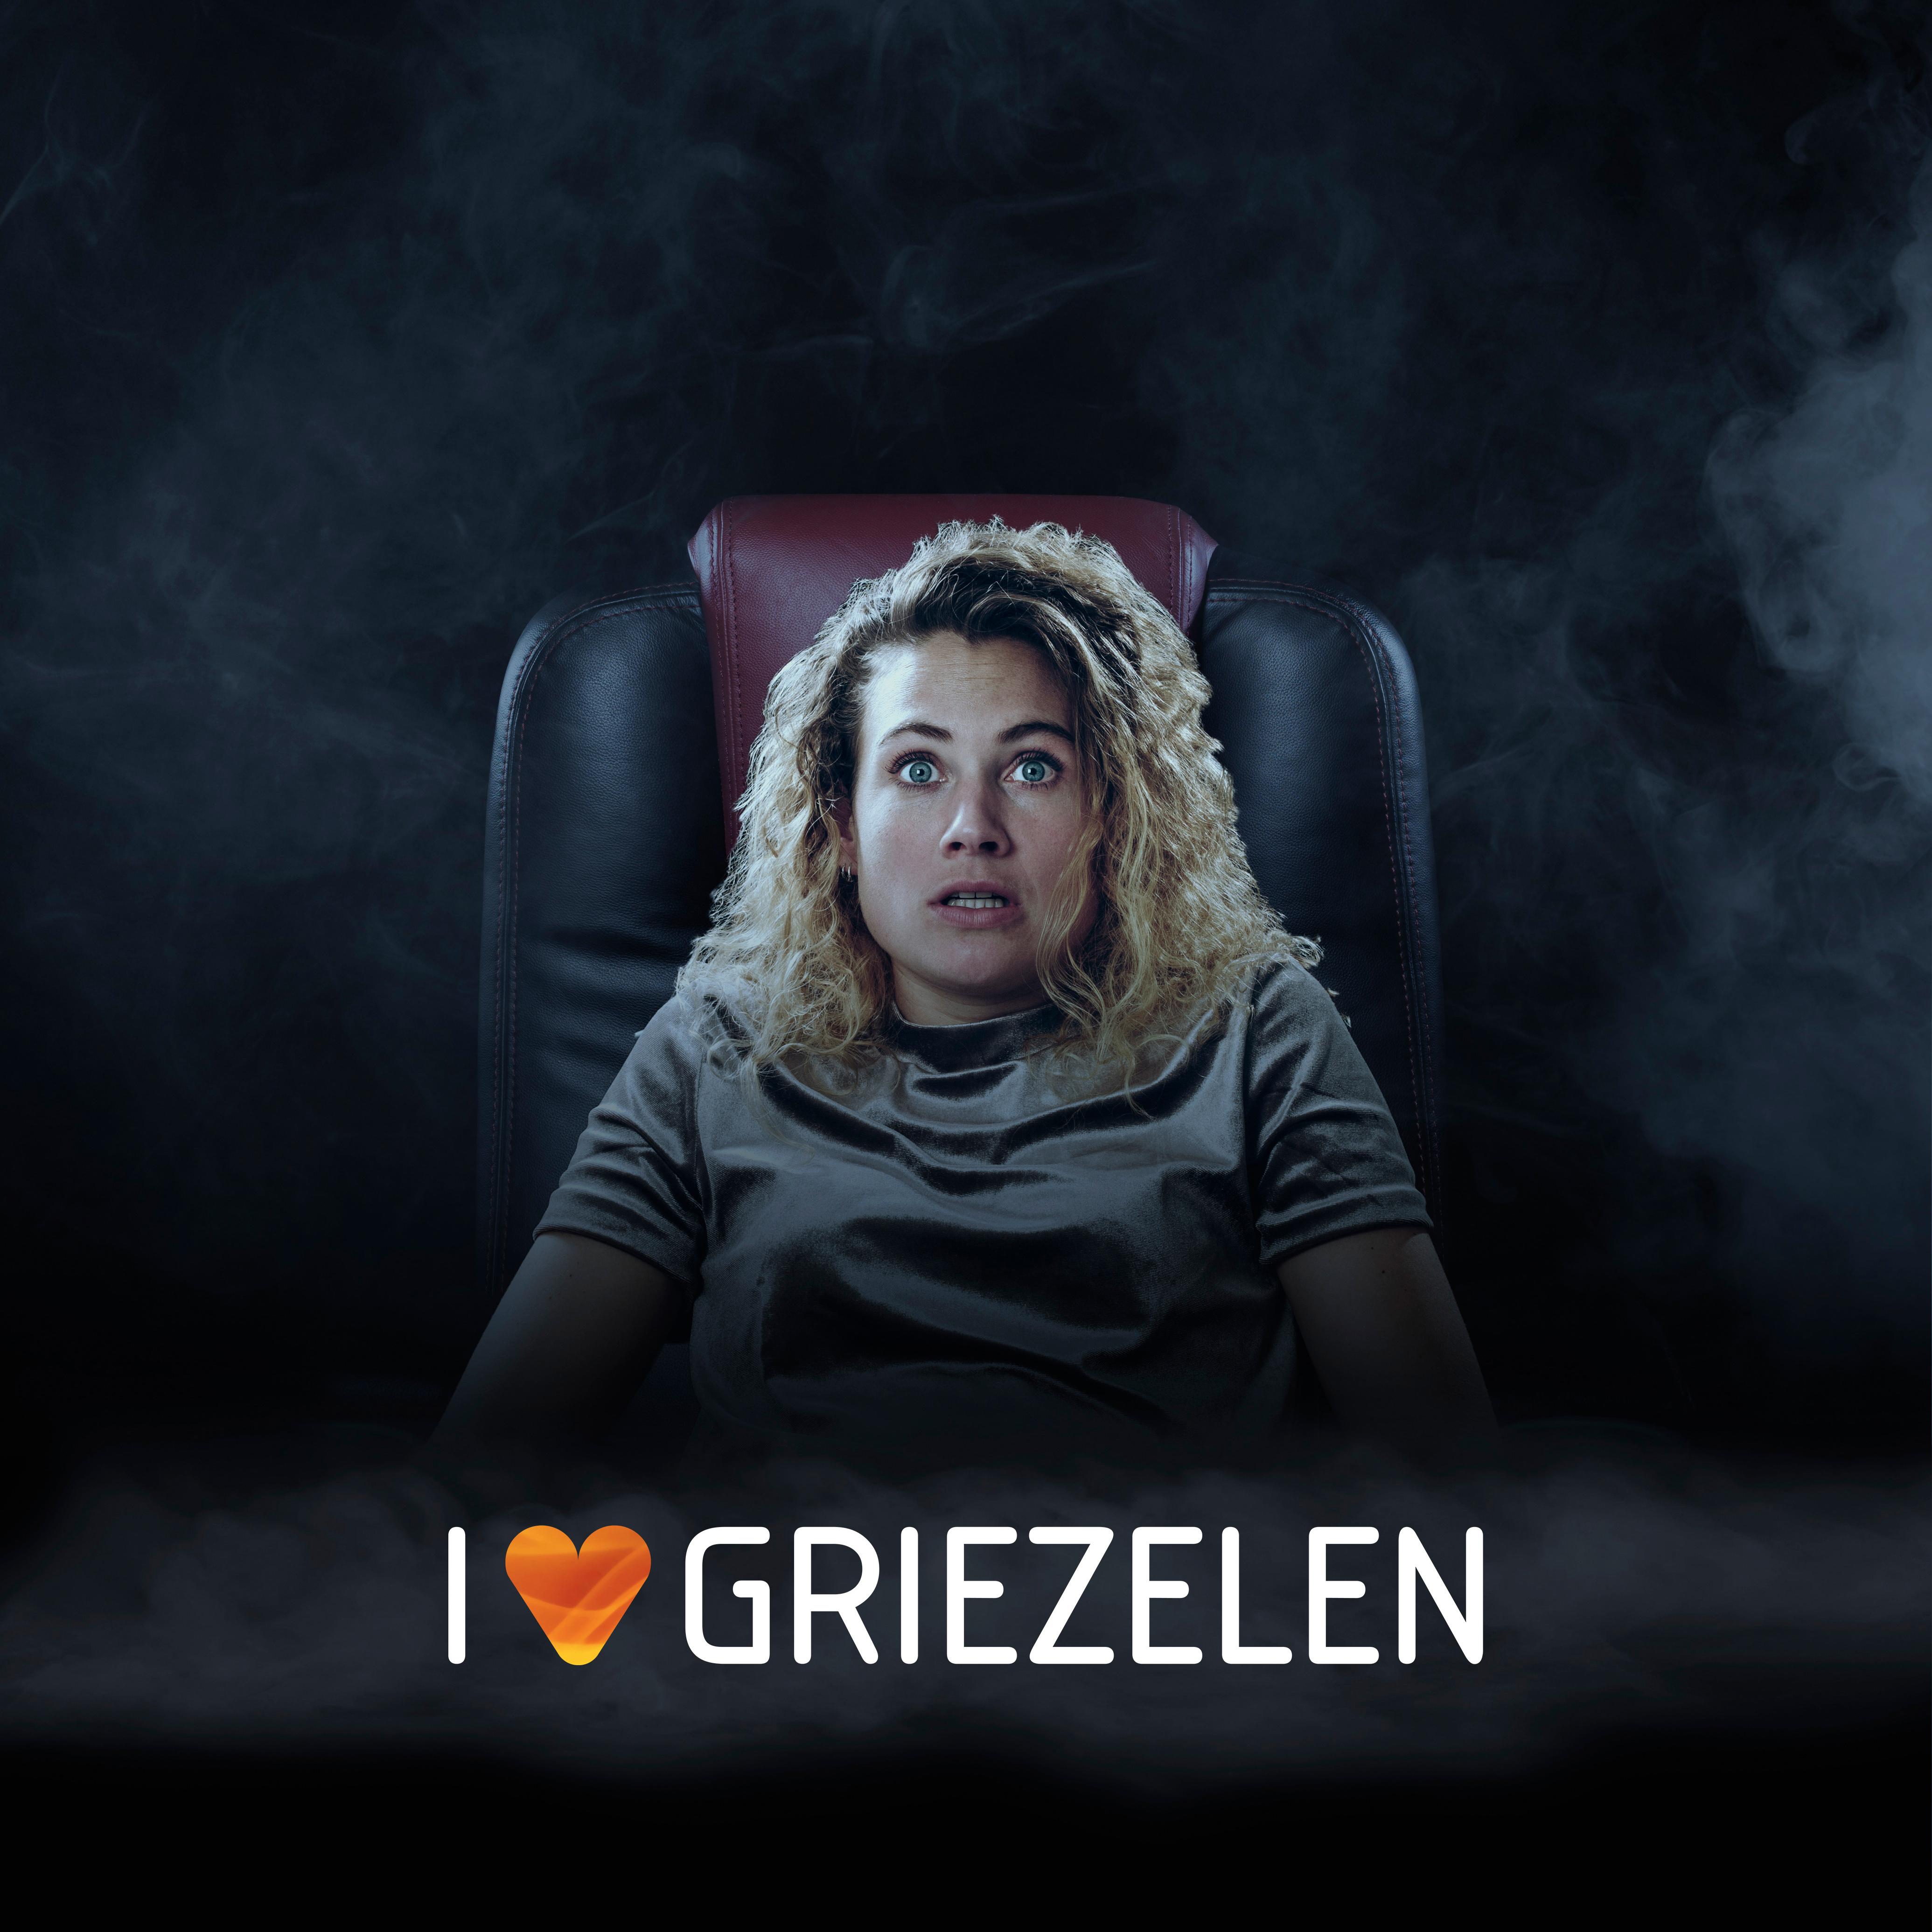 GriezelenV3